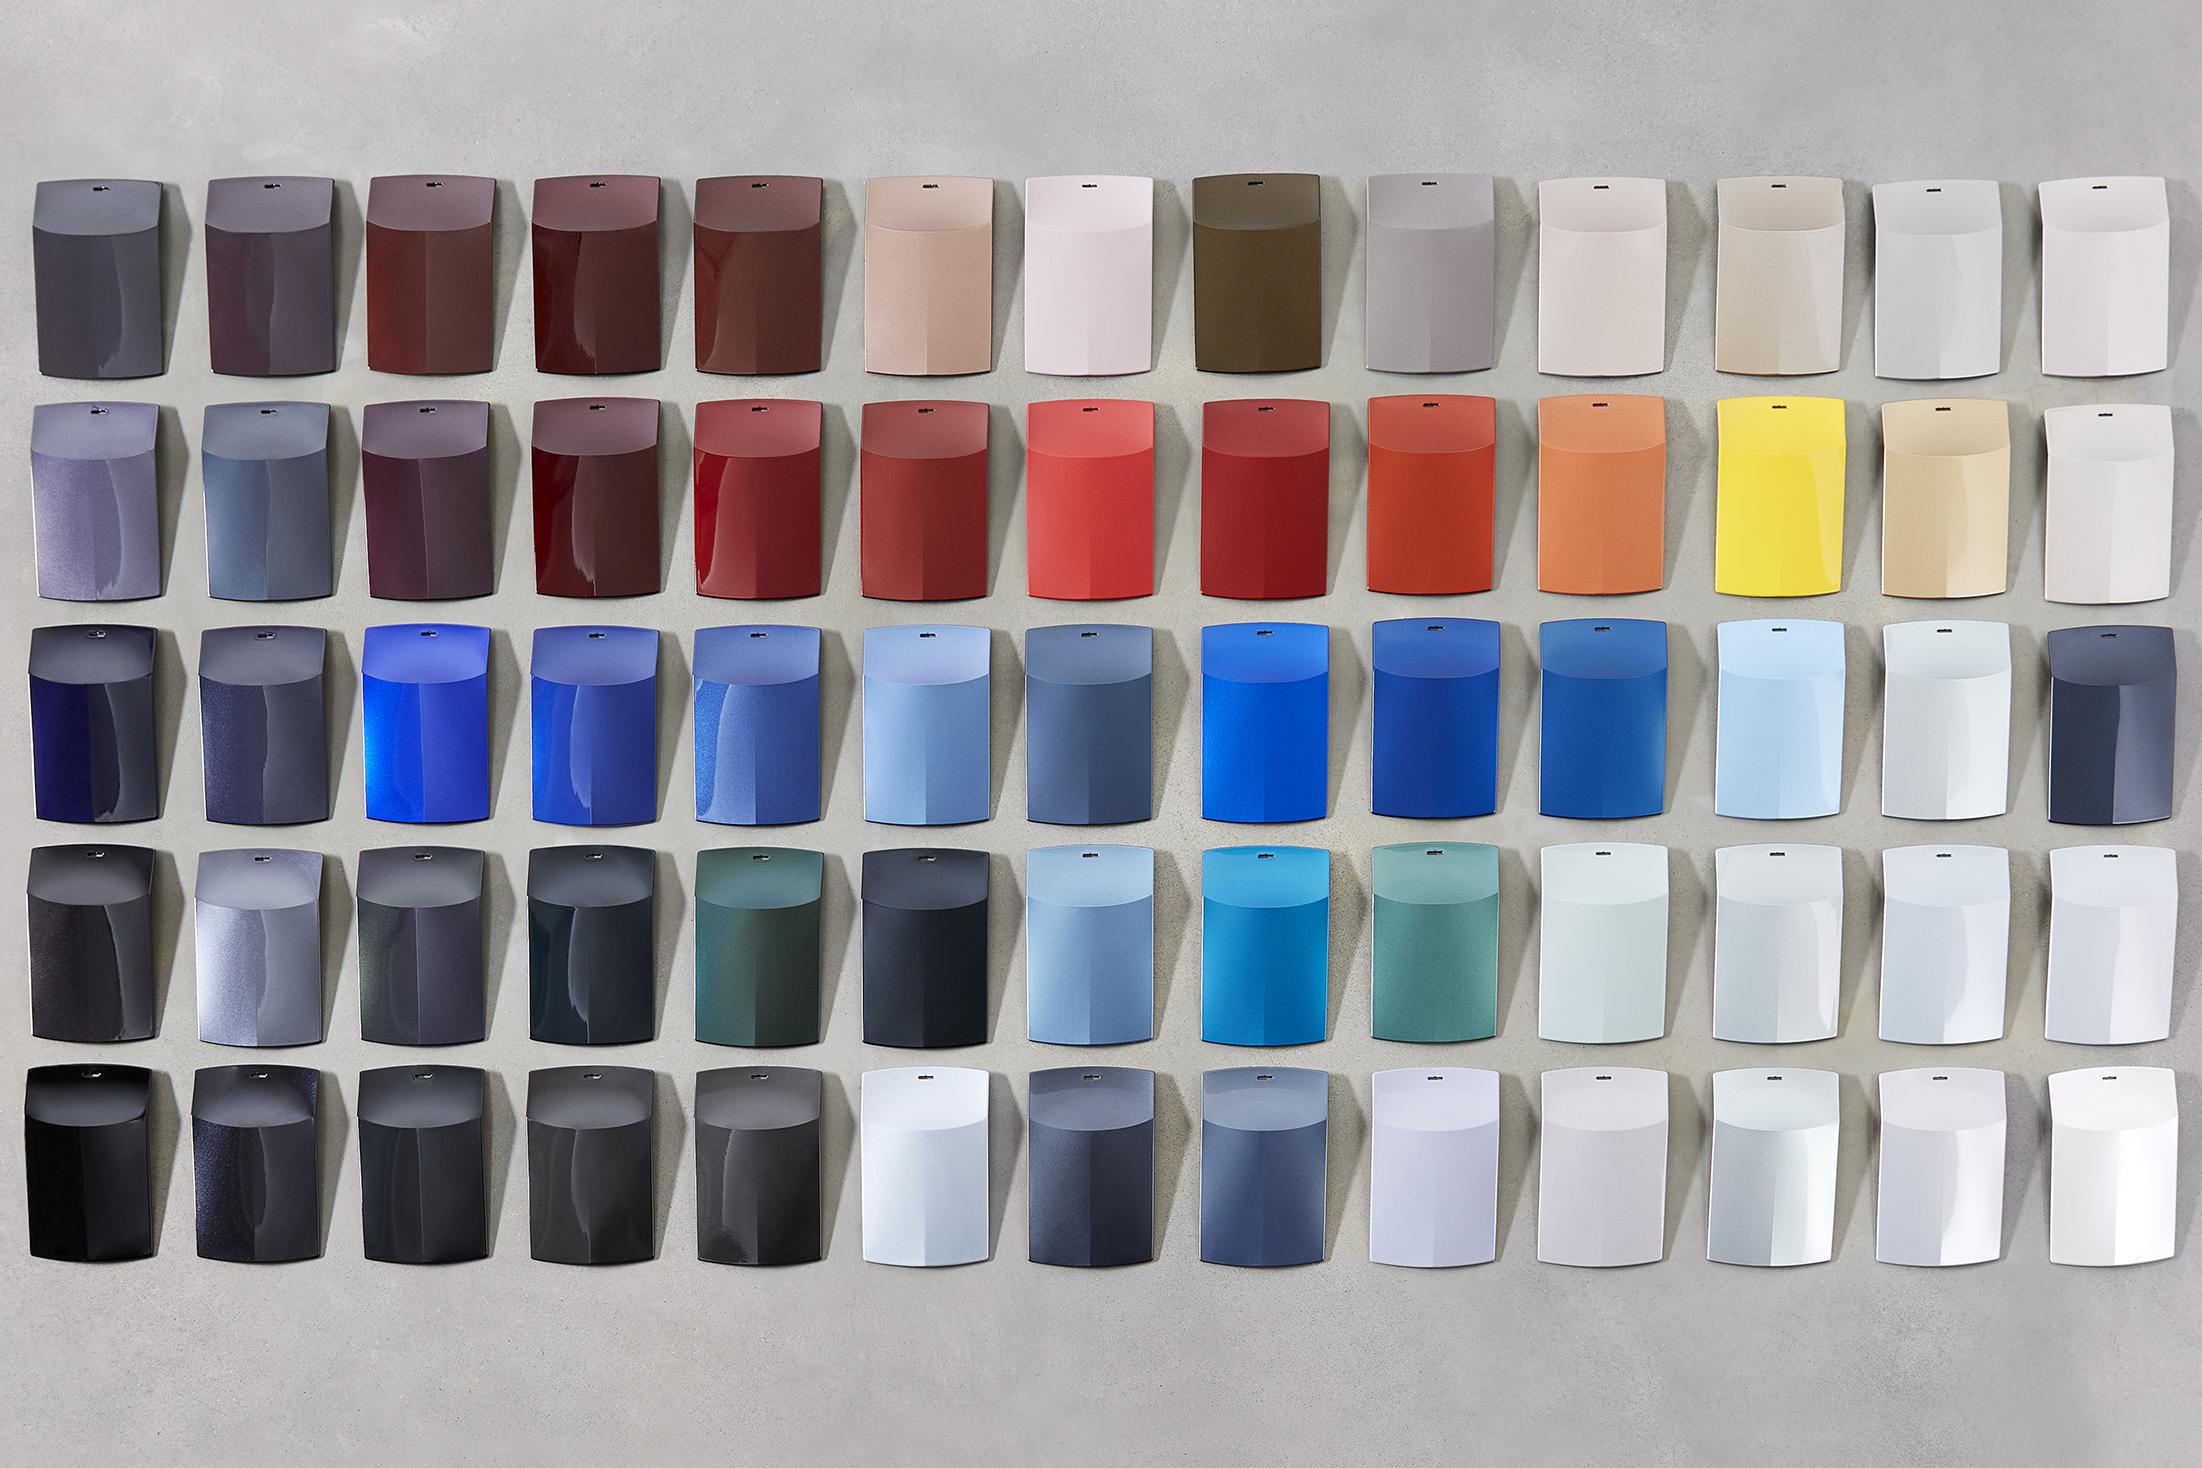 nouvelle collection des couleurs tendances de basf am today. Black Bedroom Furniture Sets. Home Design Ideas